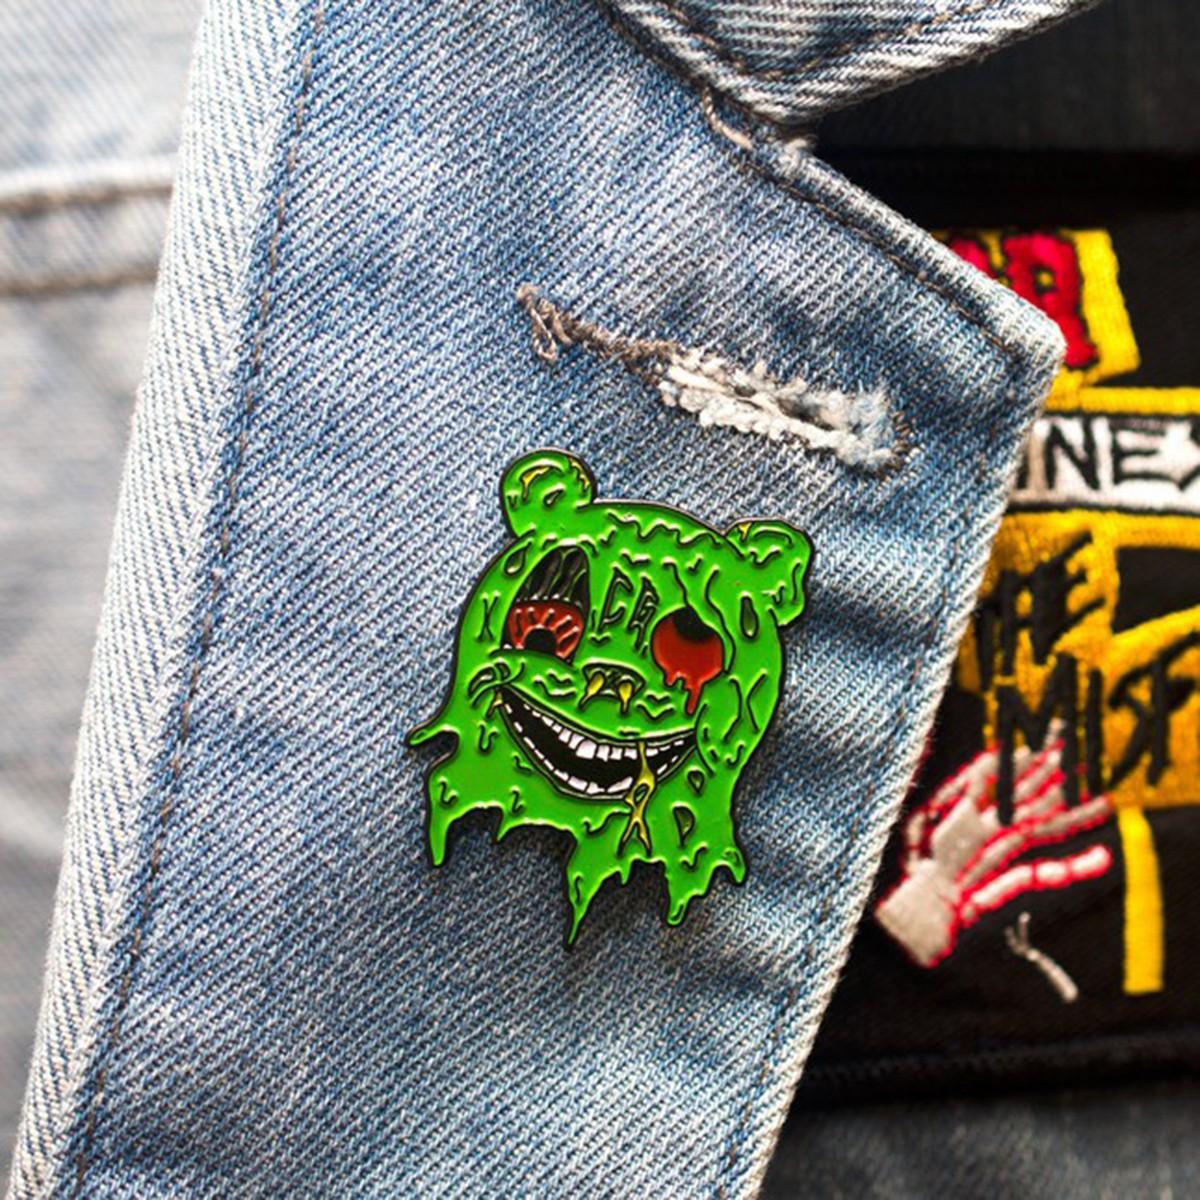 Mutant Gummy Bear pin by Crummy Gummy